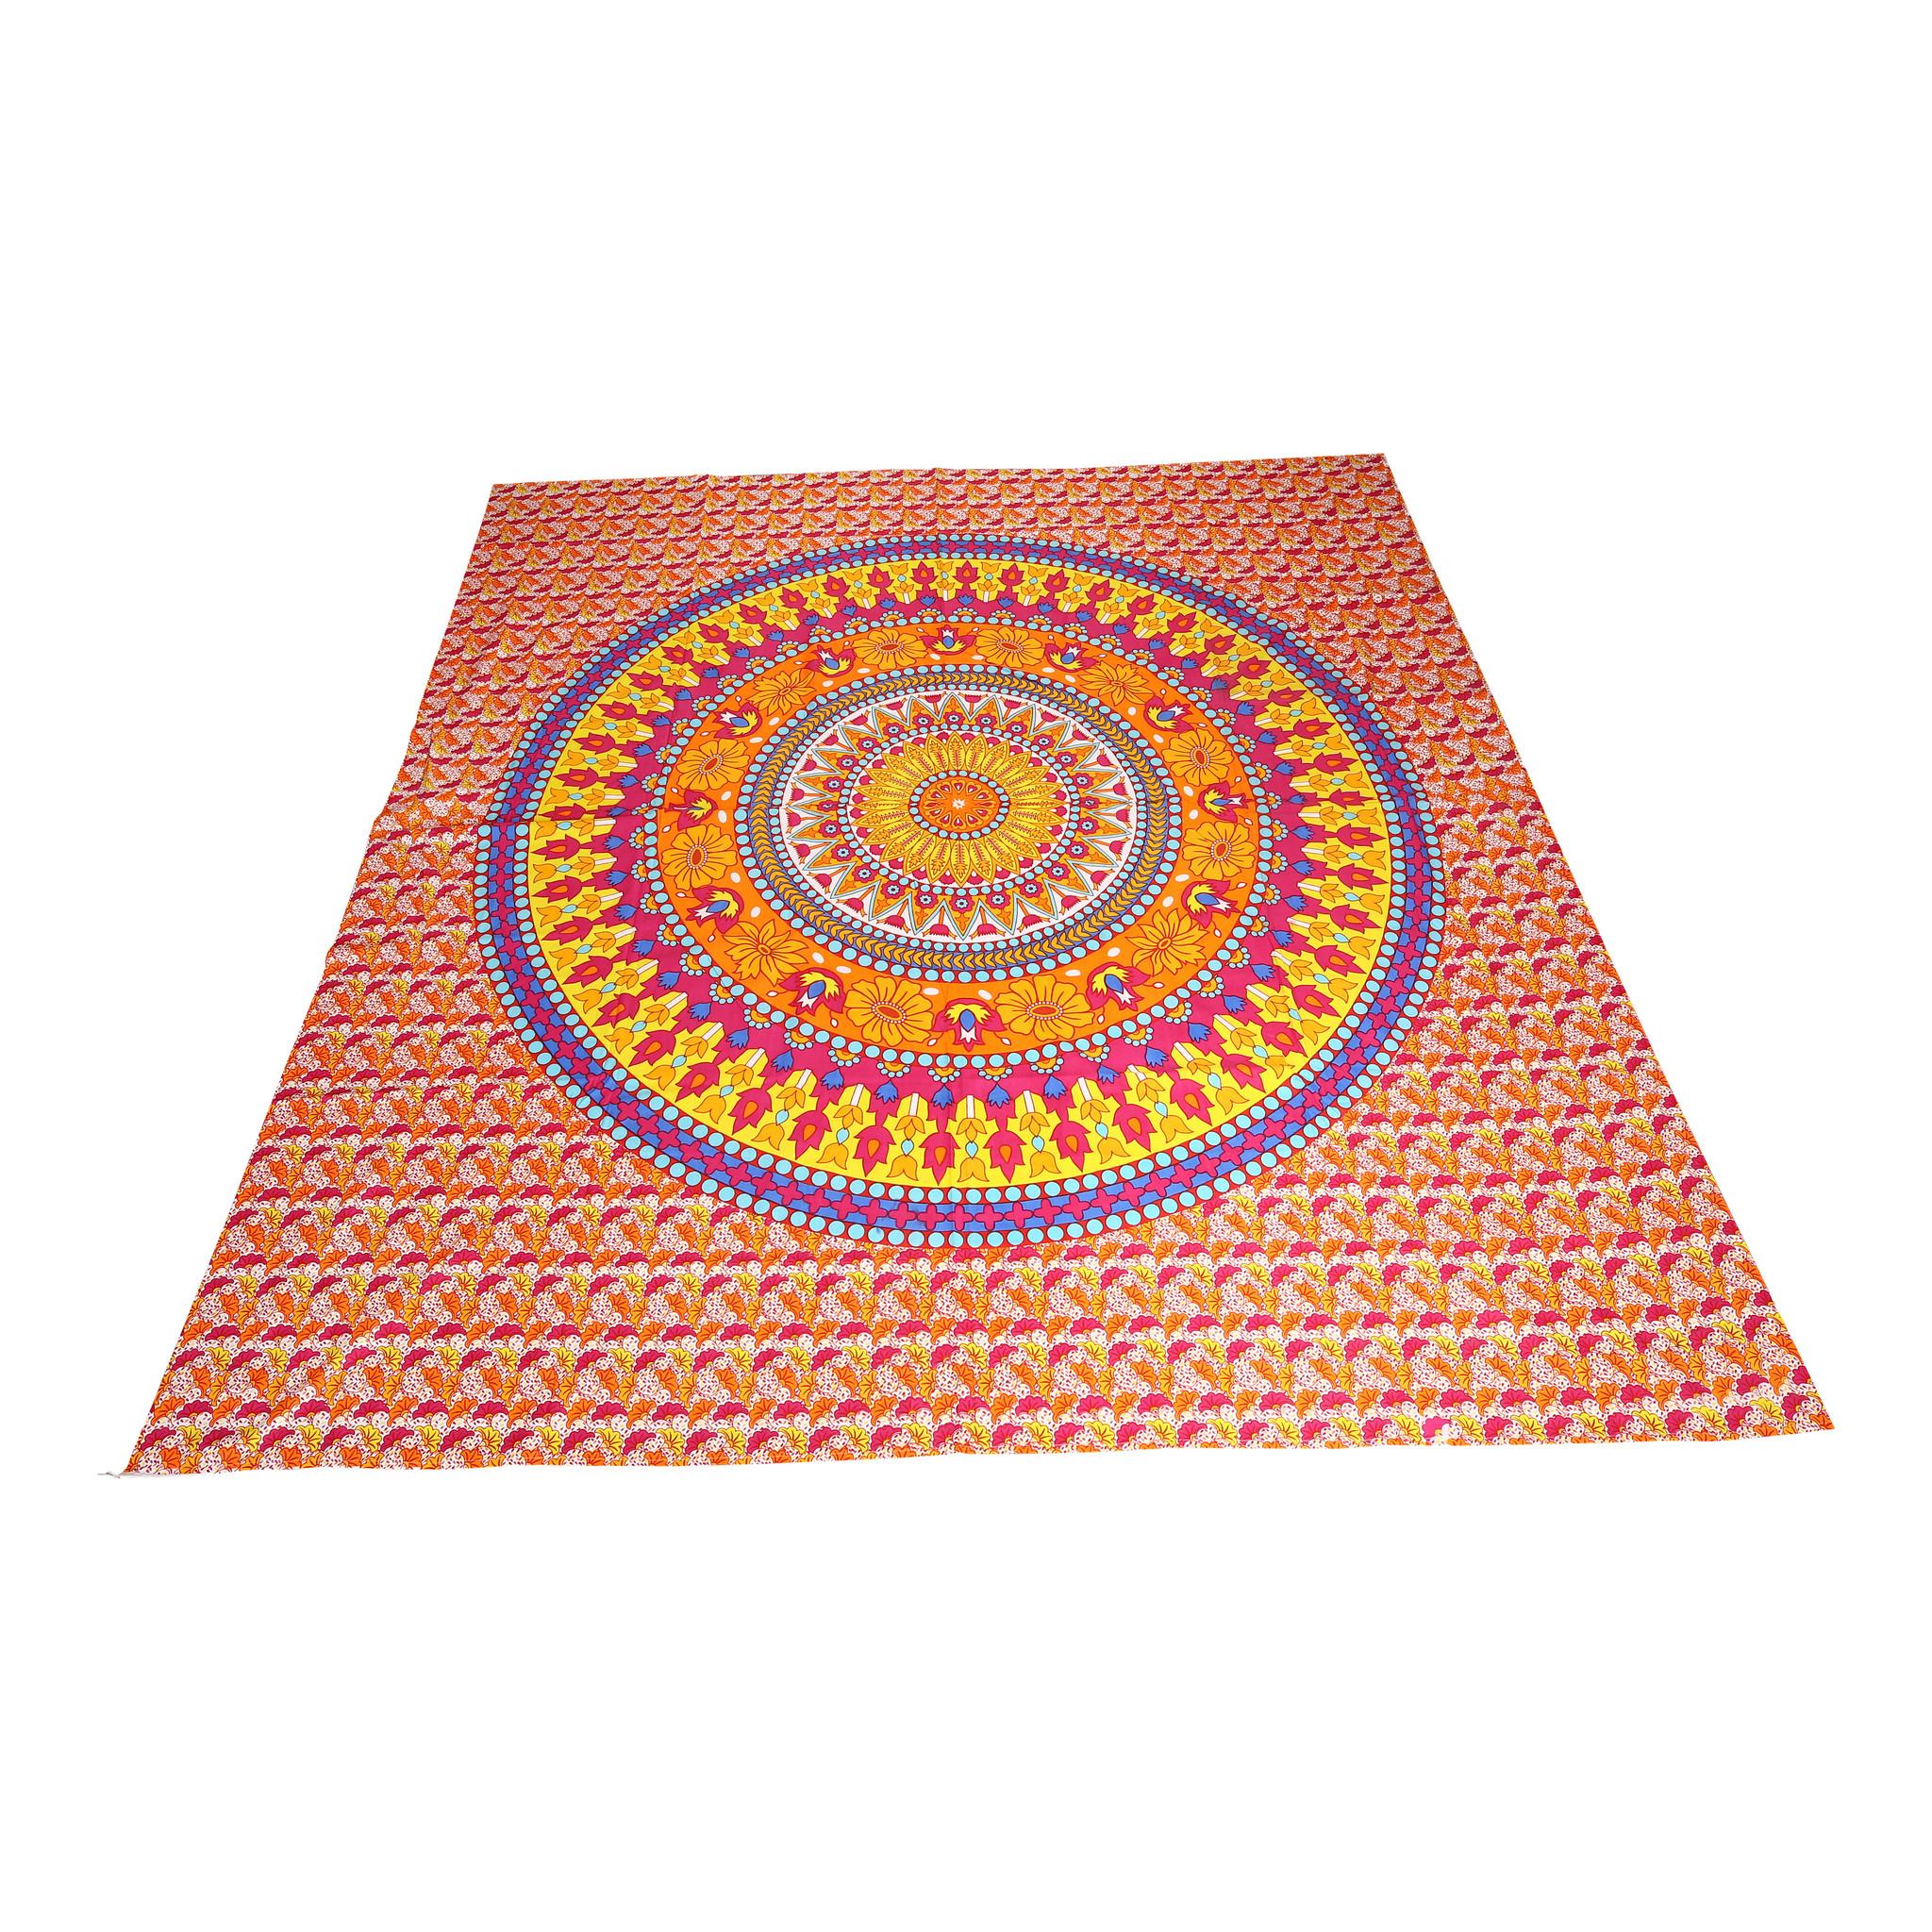 Myroundie Myroundie - roundie - vierkant strandlaken XL – yoga kleed- speelkleed - picknickkleed -100% katoen – Q40